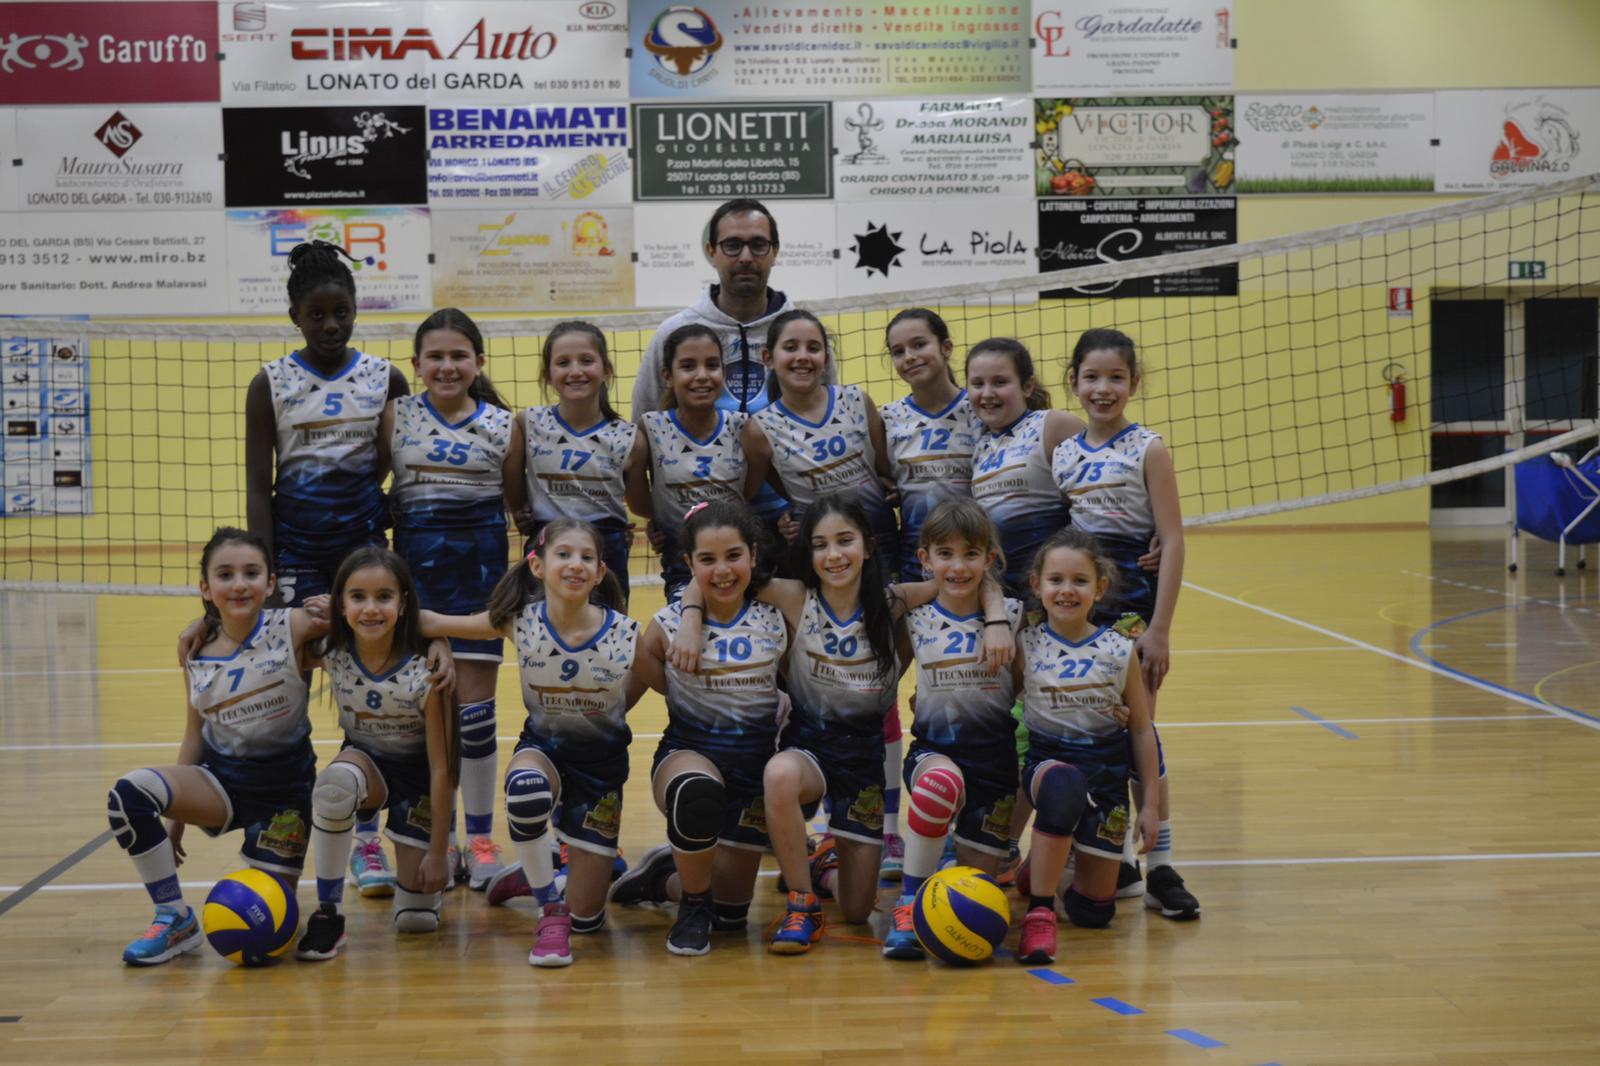 Tecnowood legno, sponsor under 12 volley Lonato